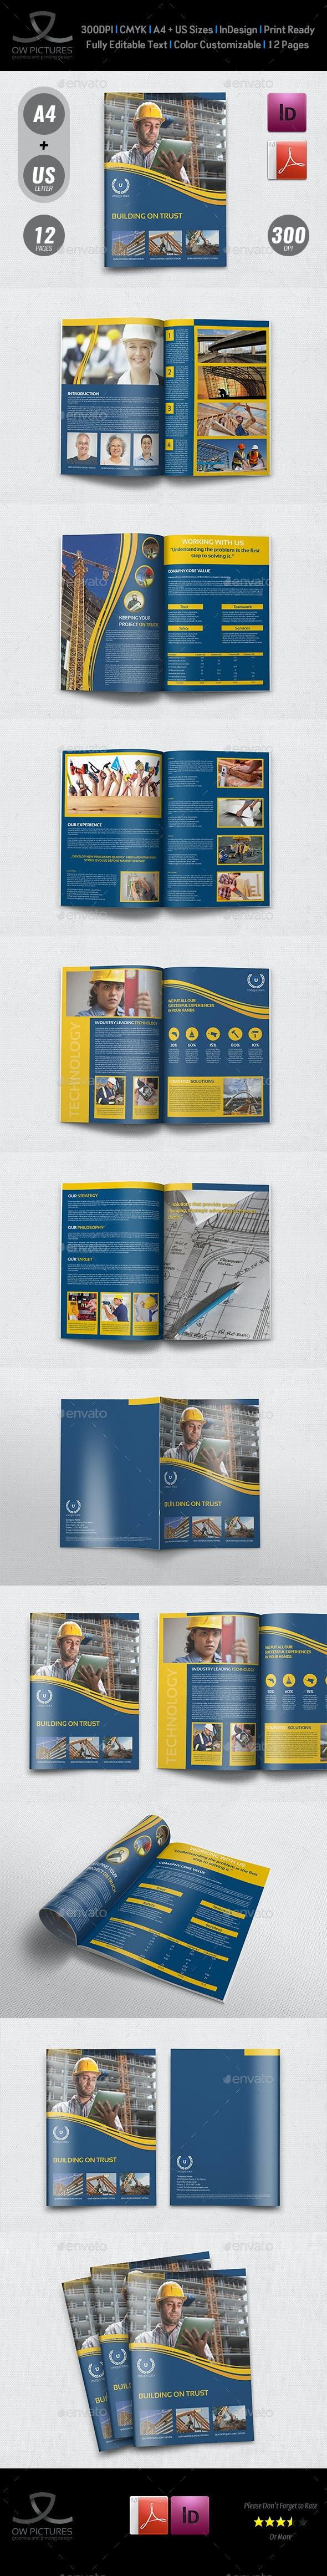 Construction Brochure Template Vol.3 - Brochures Print Templates